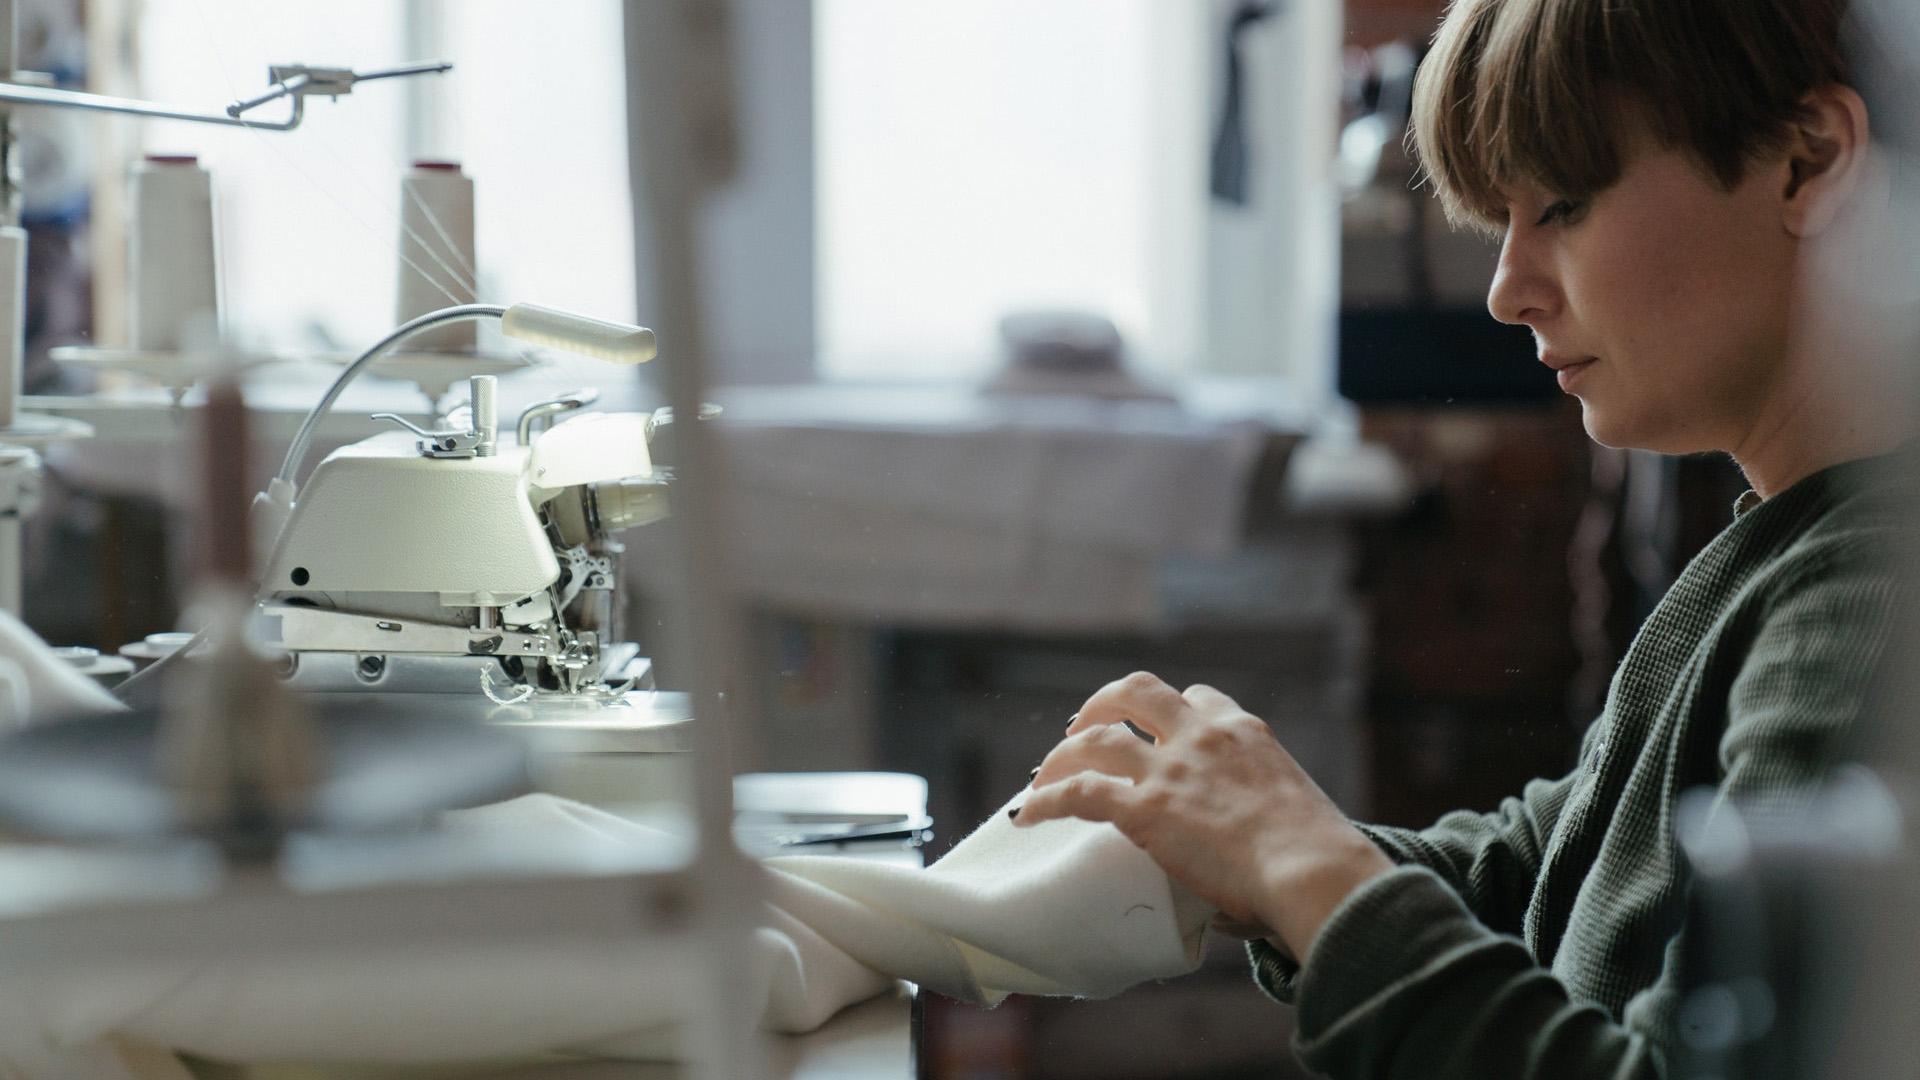 Cucire è terapeutico: un'attività che guarisce la mente